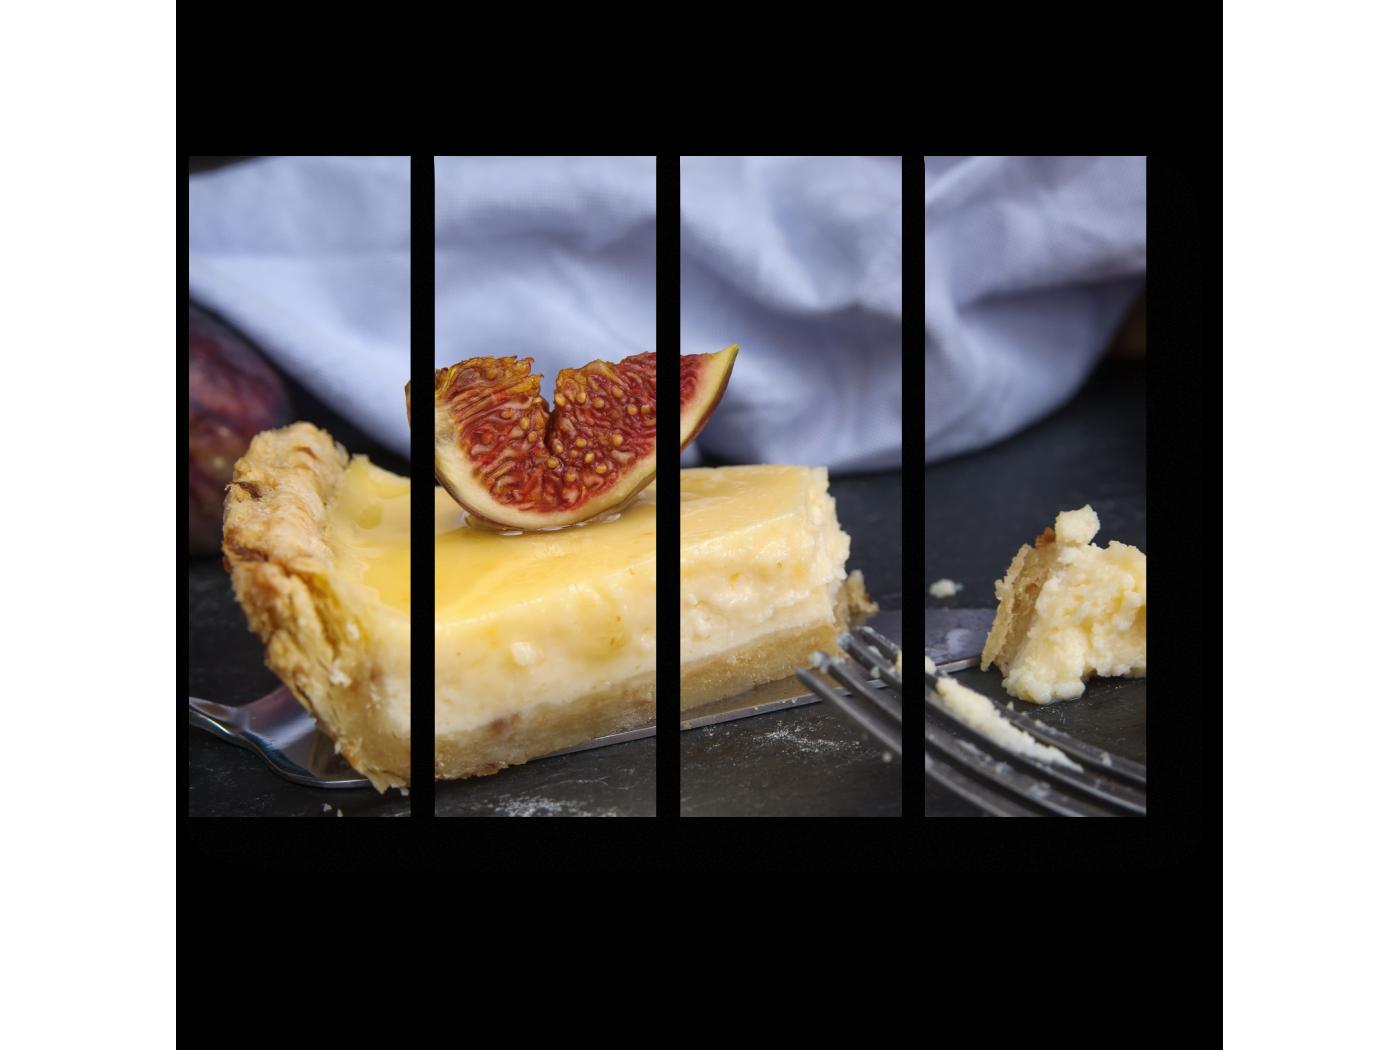 Модульная картина Вкусный чизкейк (60x45) фото